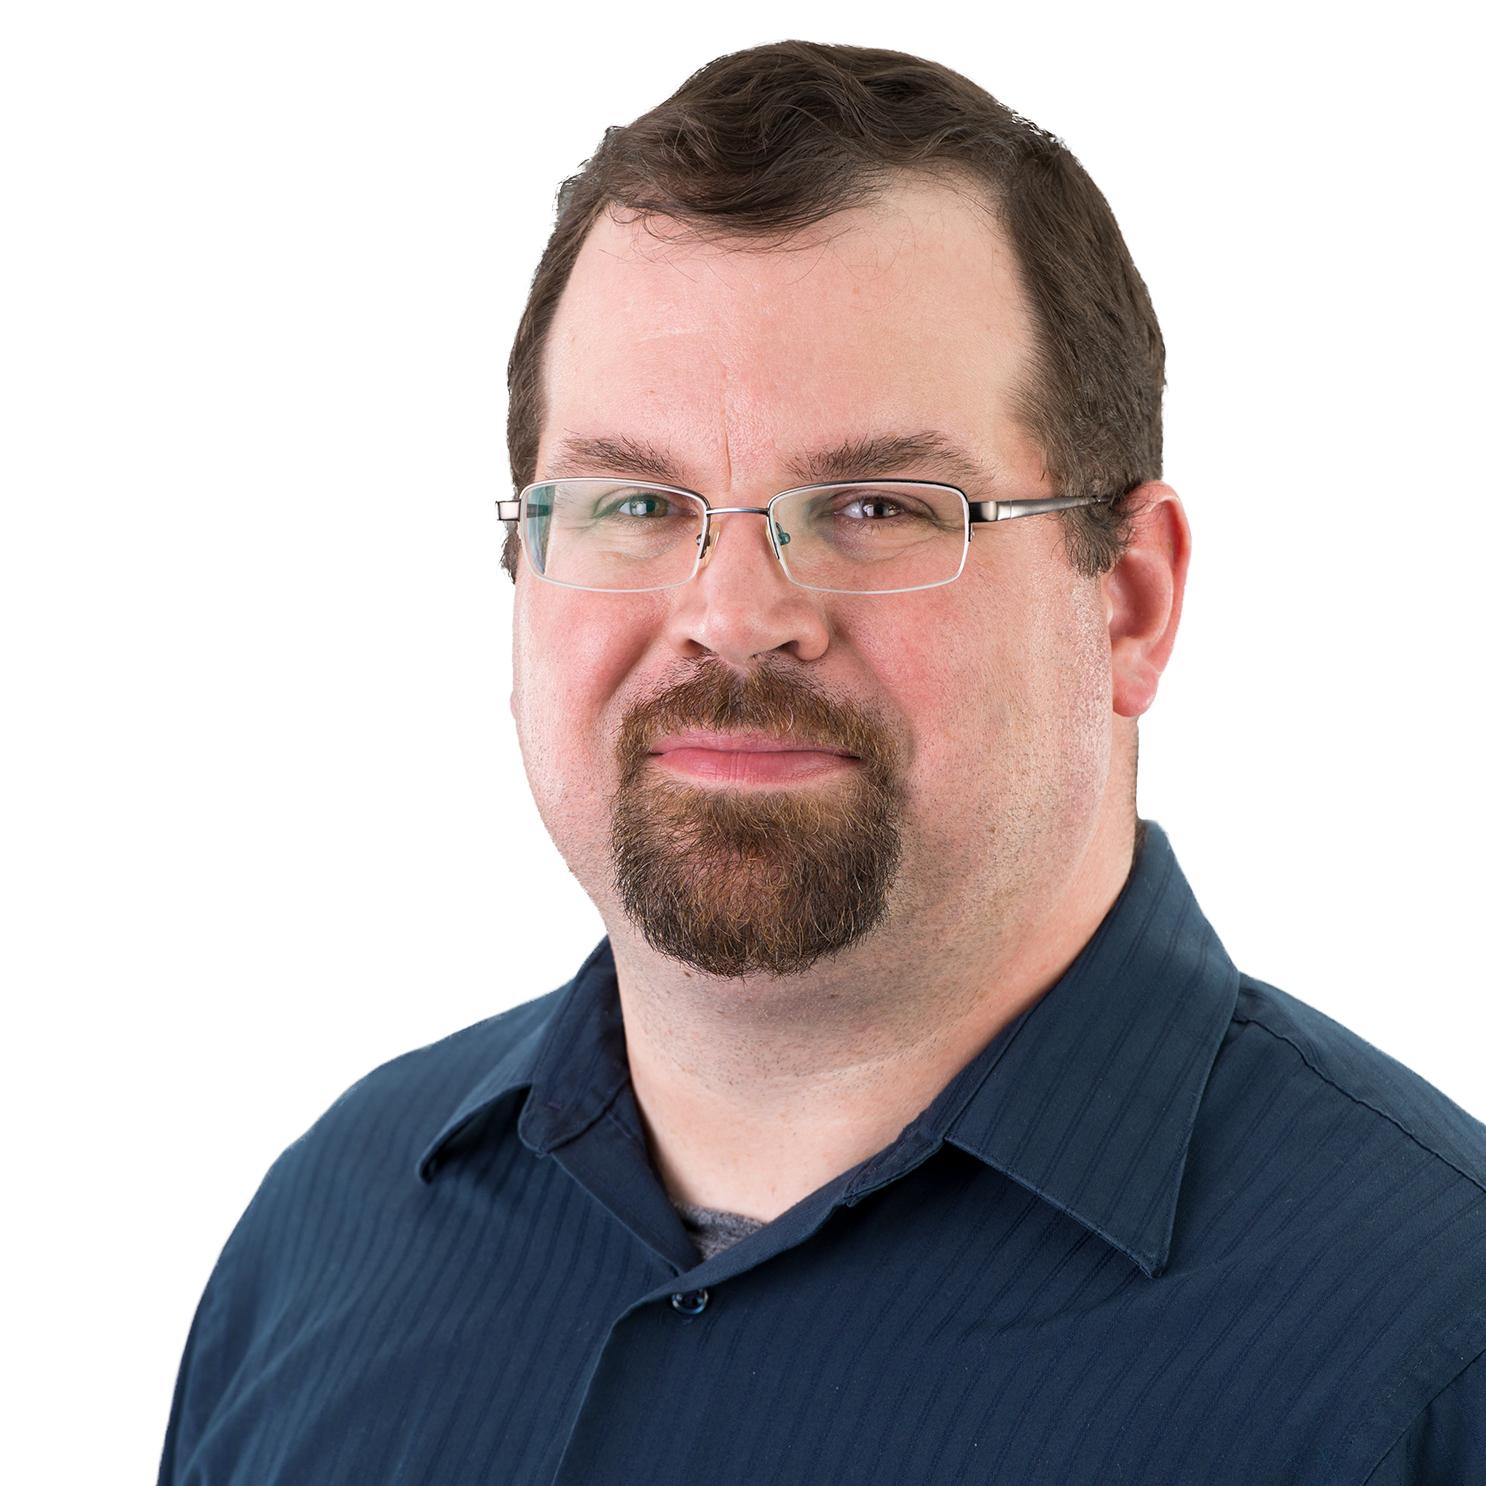 Matt McKinley